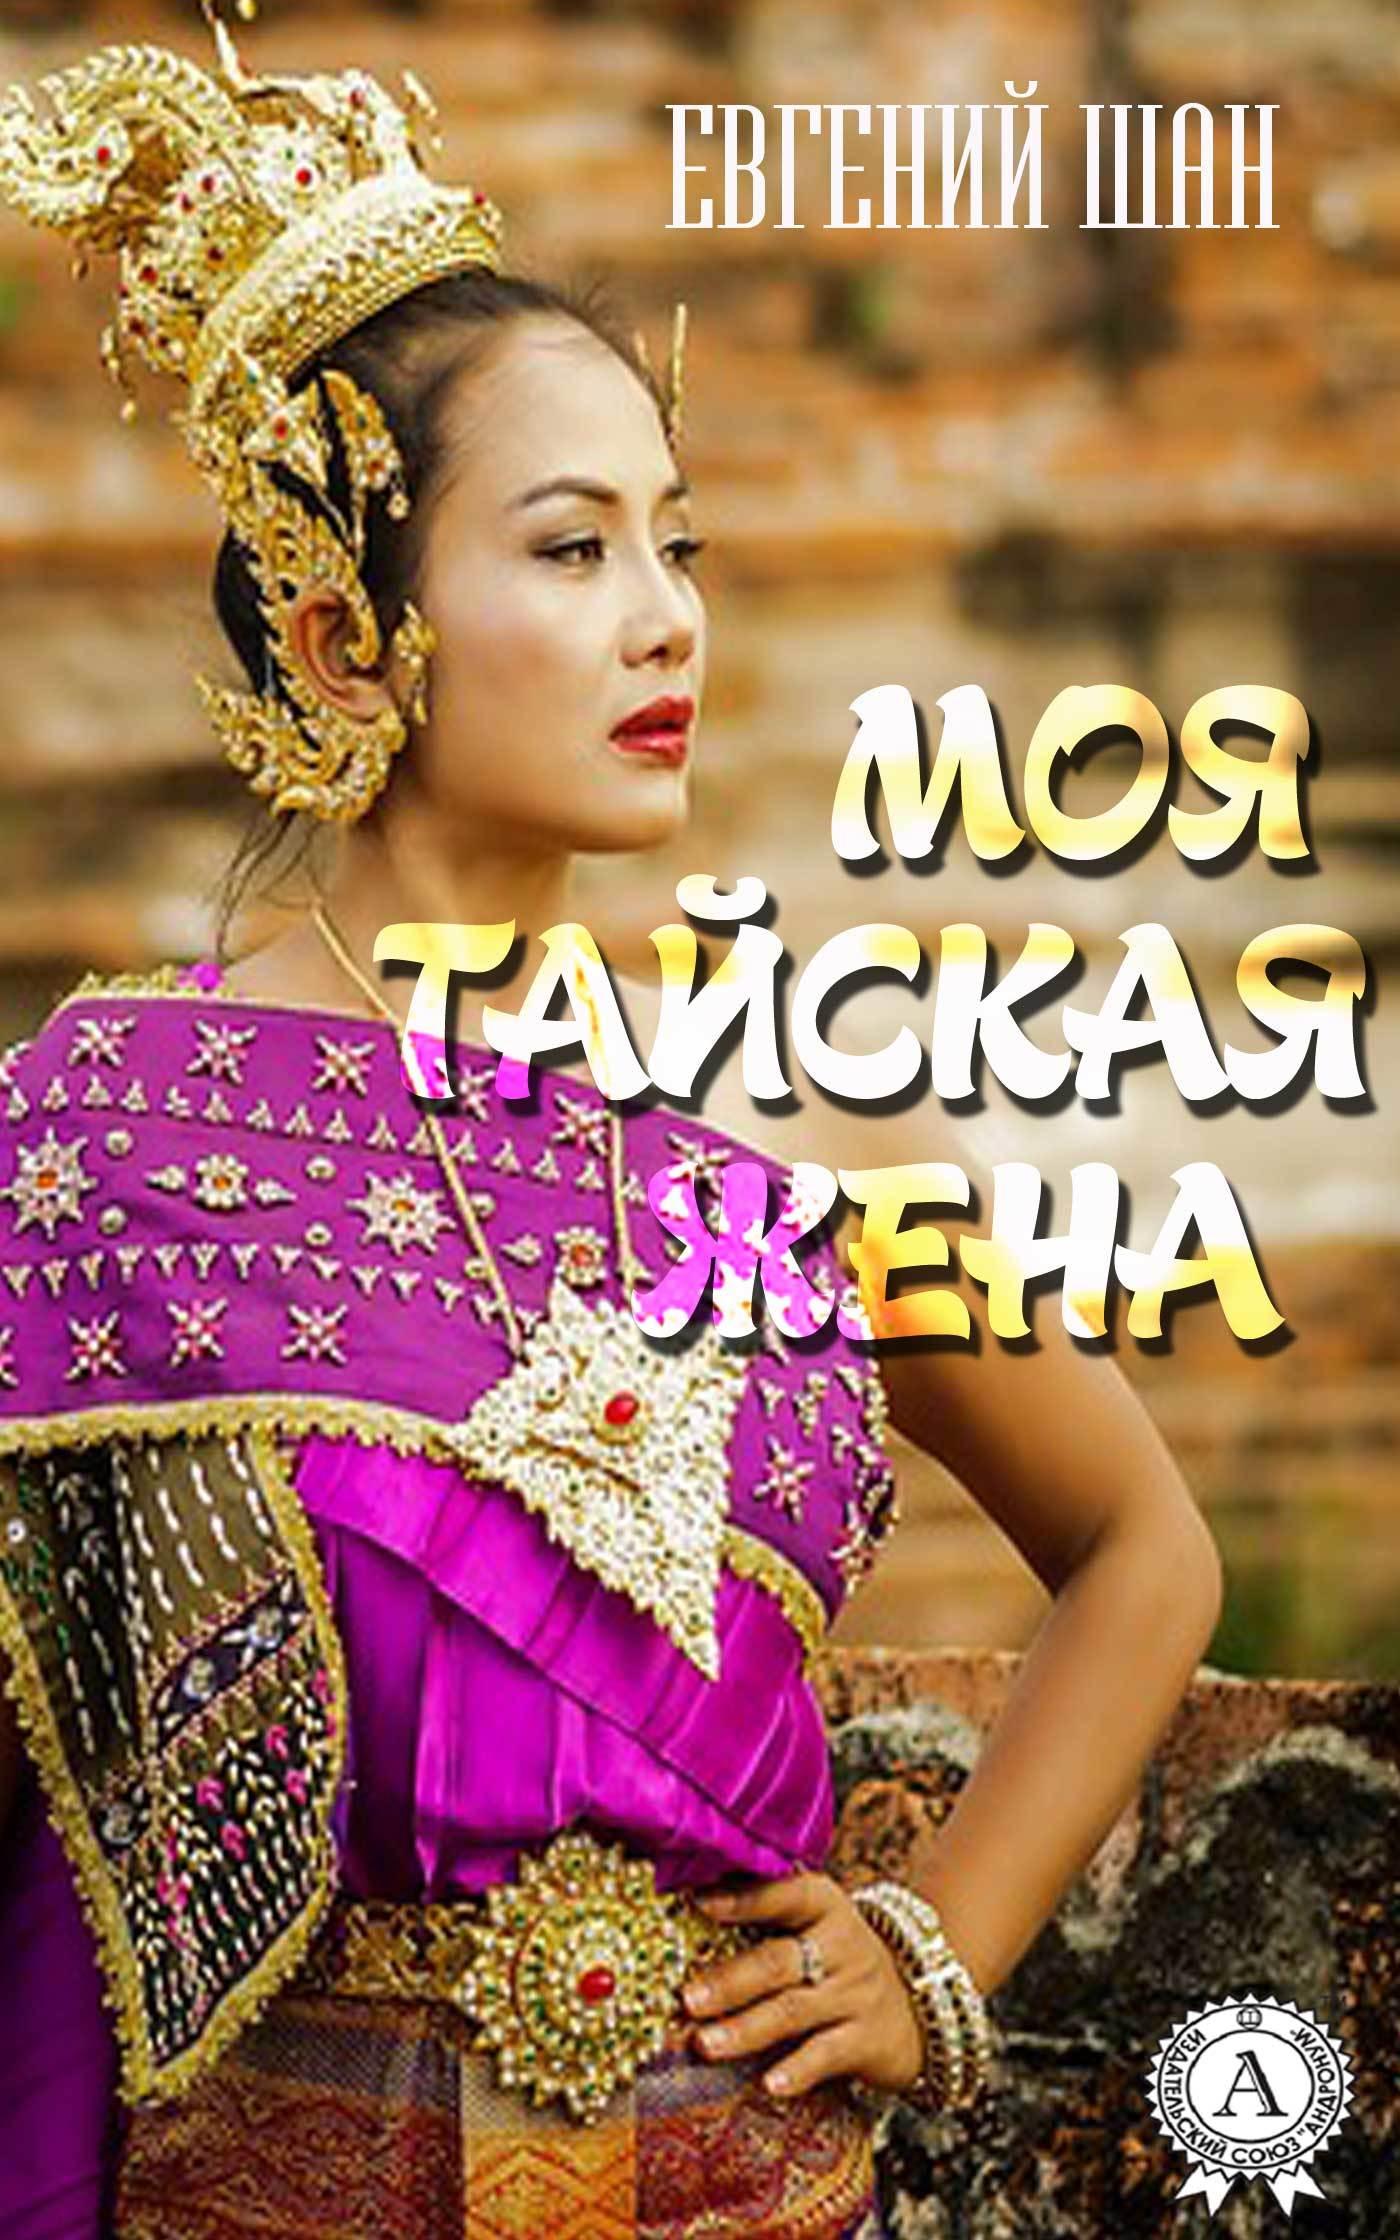 Евгений Шан Моя тайская жена